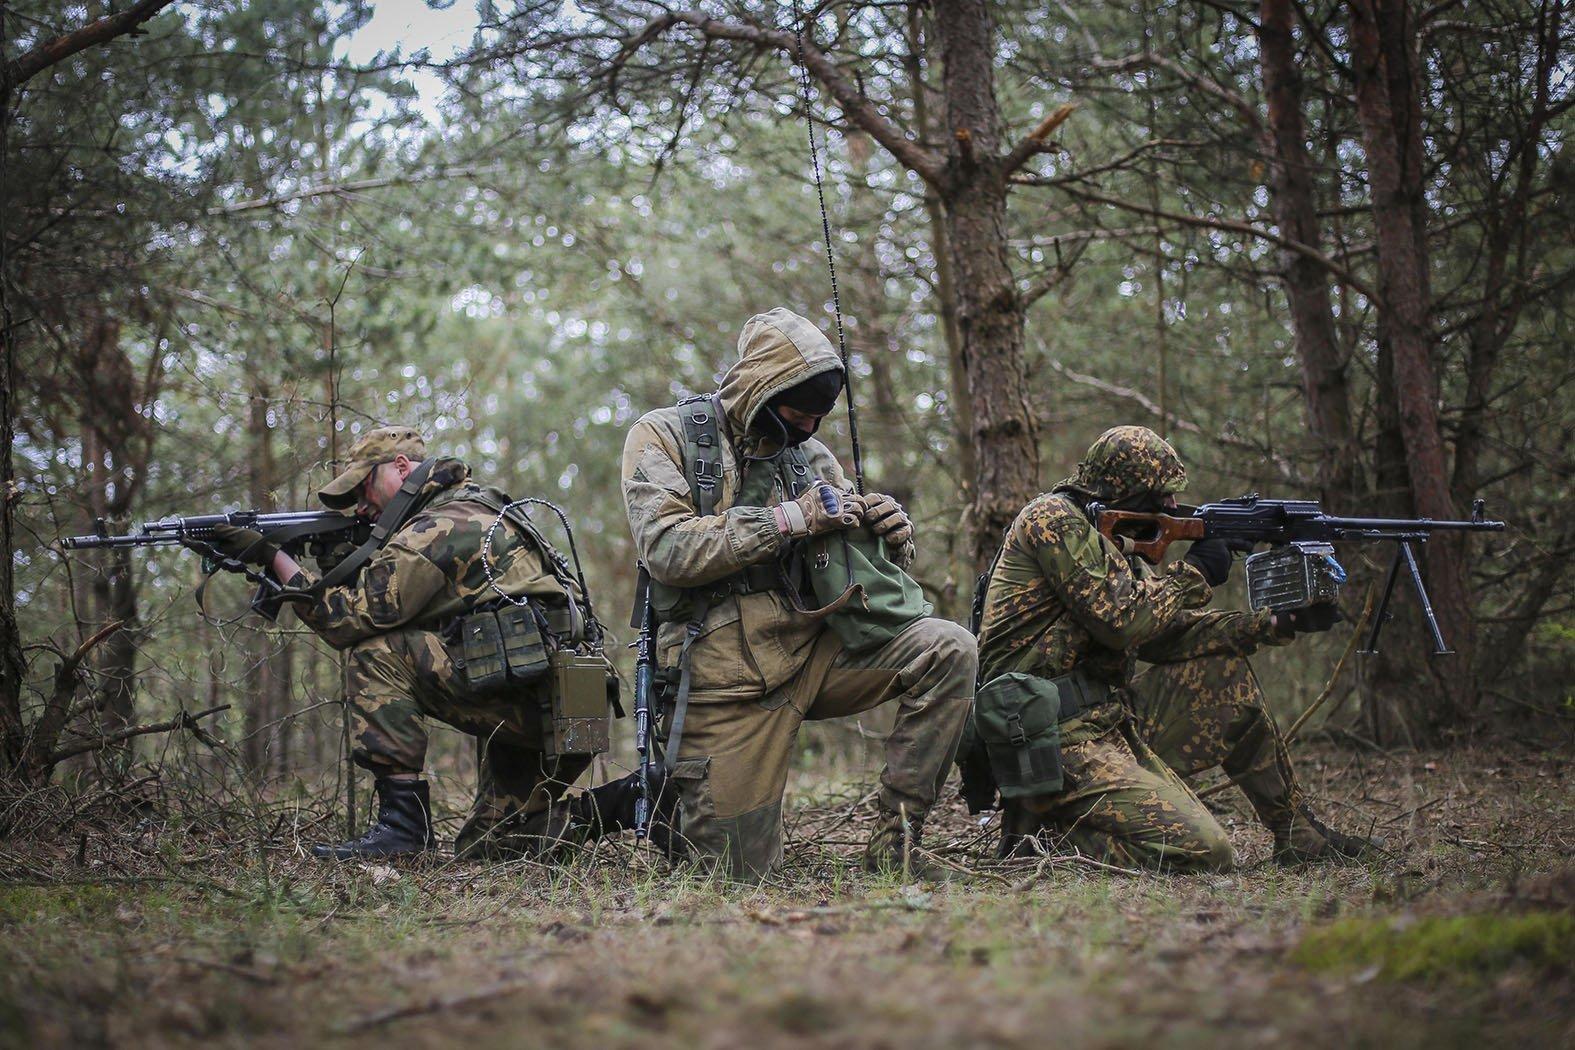 картинки военных разведчиков степей подтверждает